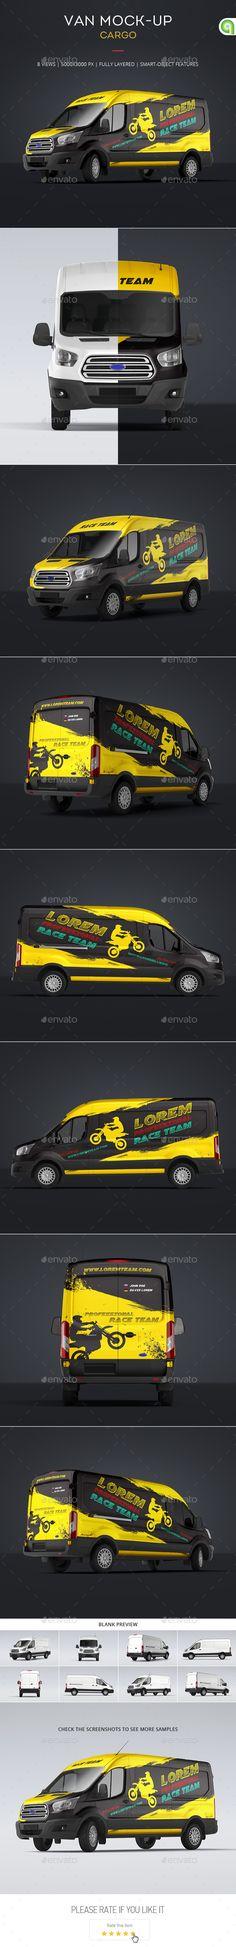 Cargo Van Mock-Up. Download here: http://graphicriver.net/item/cargo-van-mockup/16139306?ref=ksioks